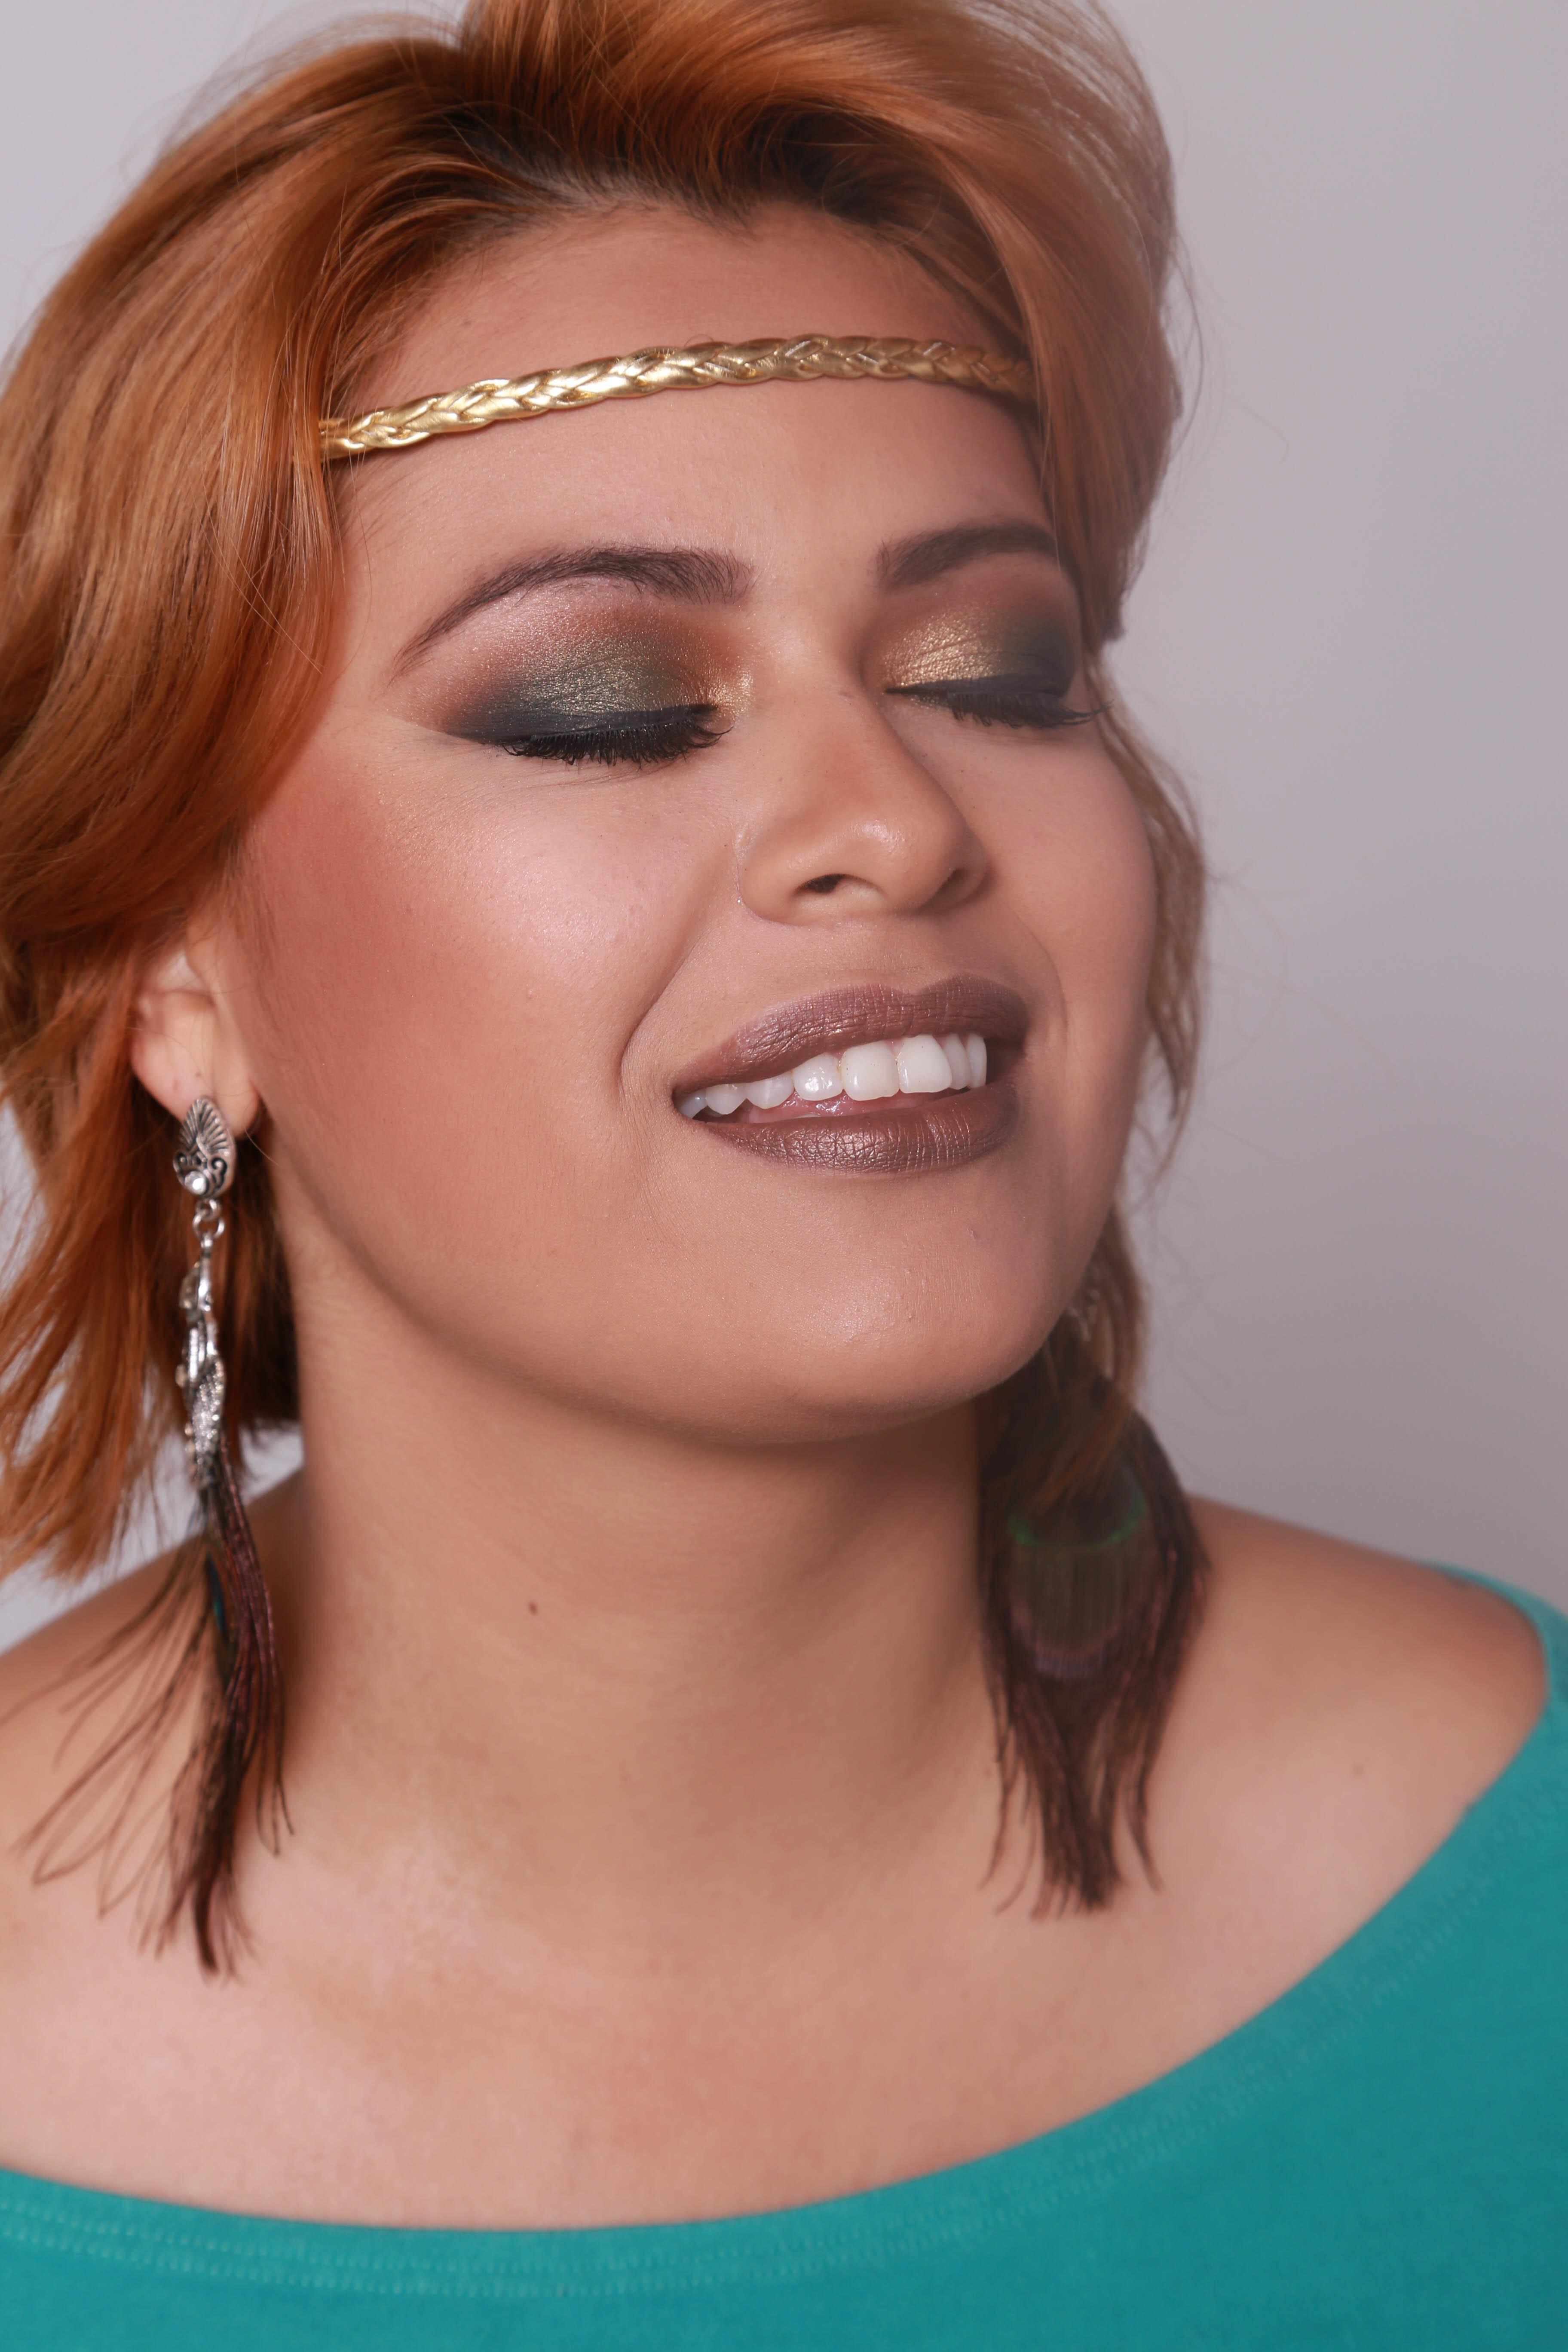 Maquiagem inspirada nas penas do pavão #lovemakeup #makeupartist maquiagem maquiador(a)